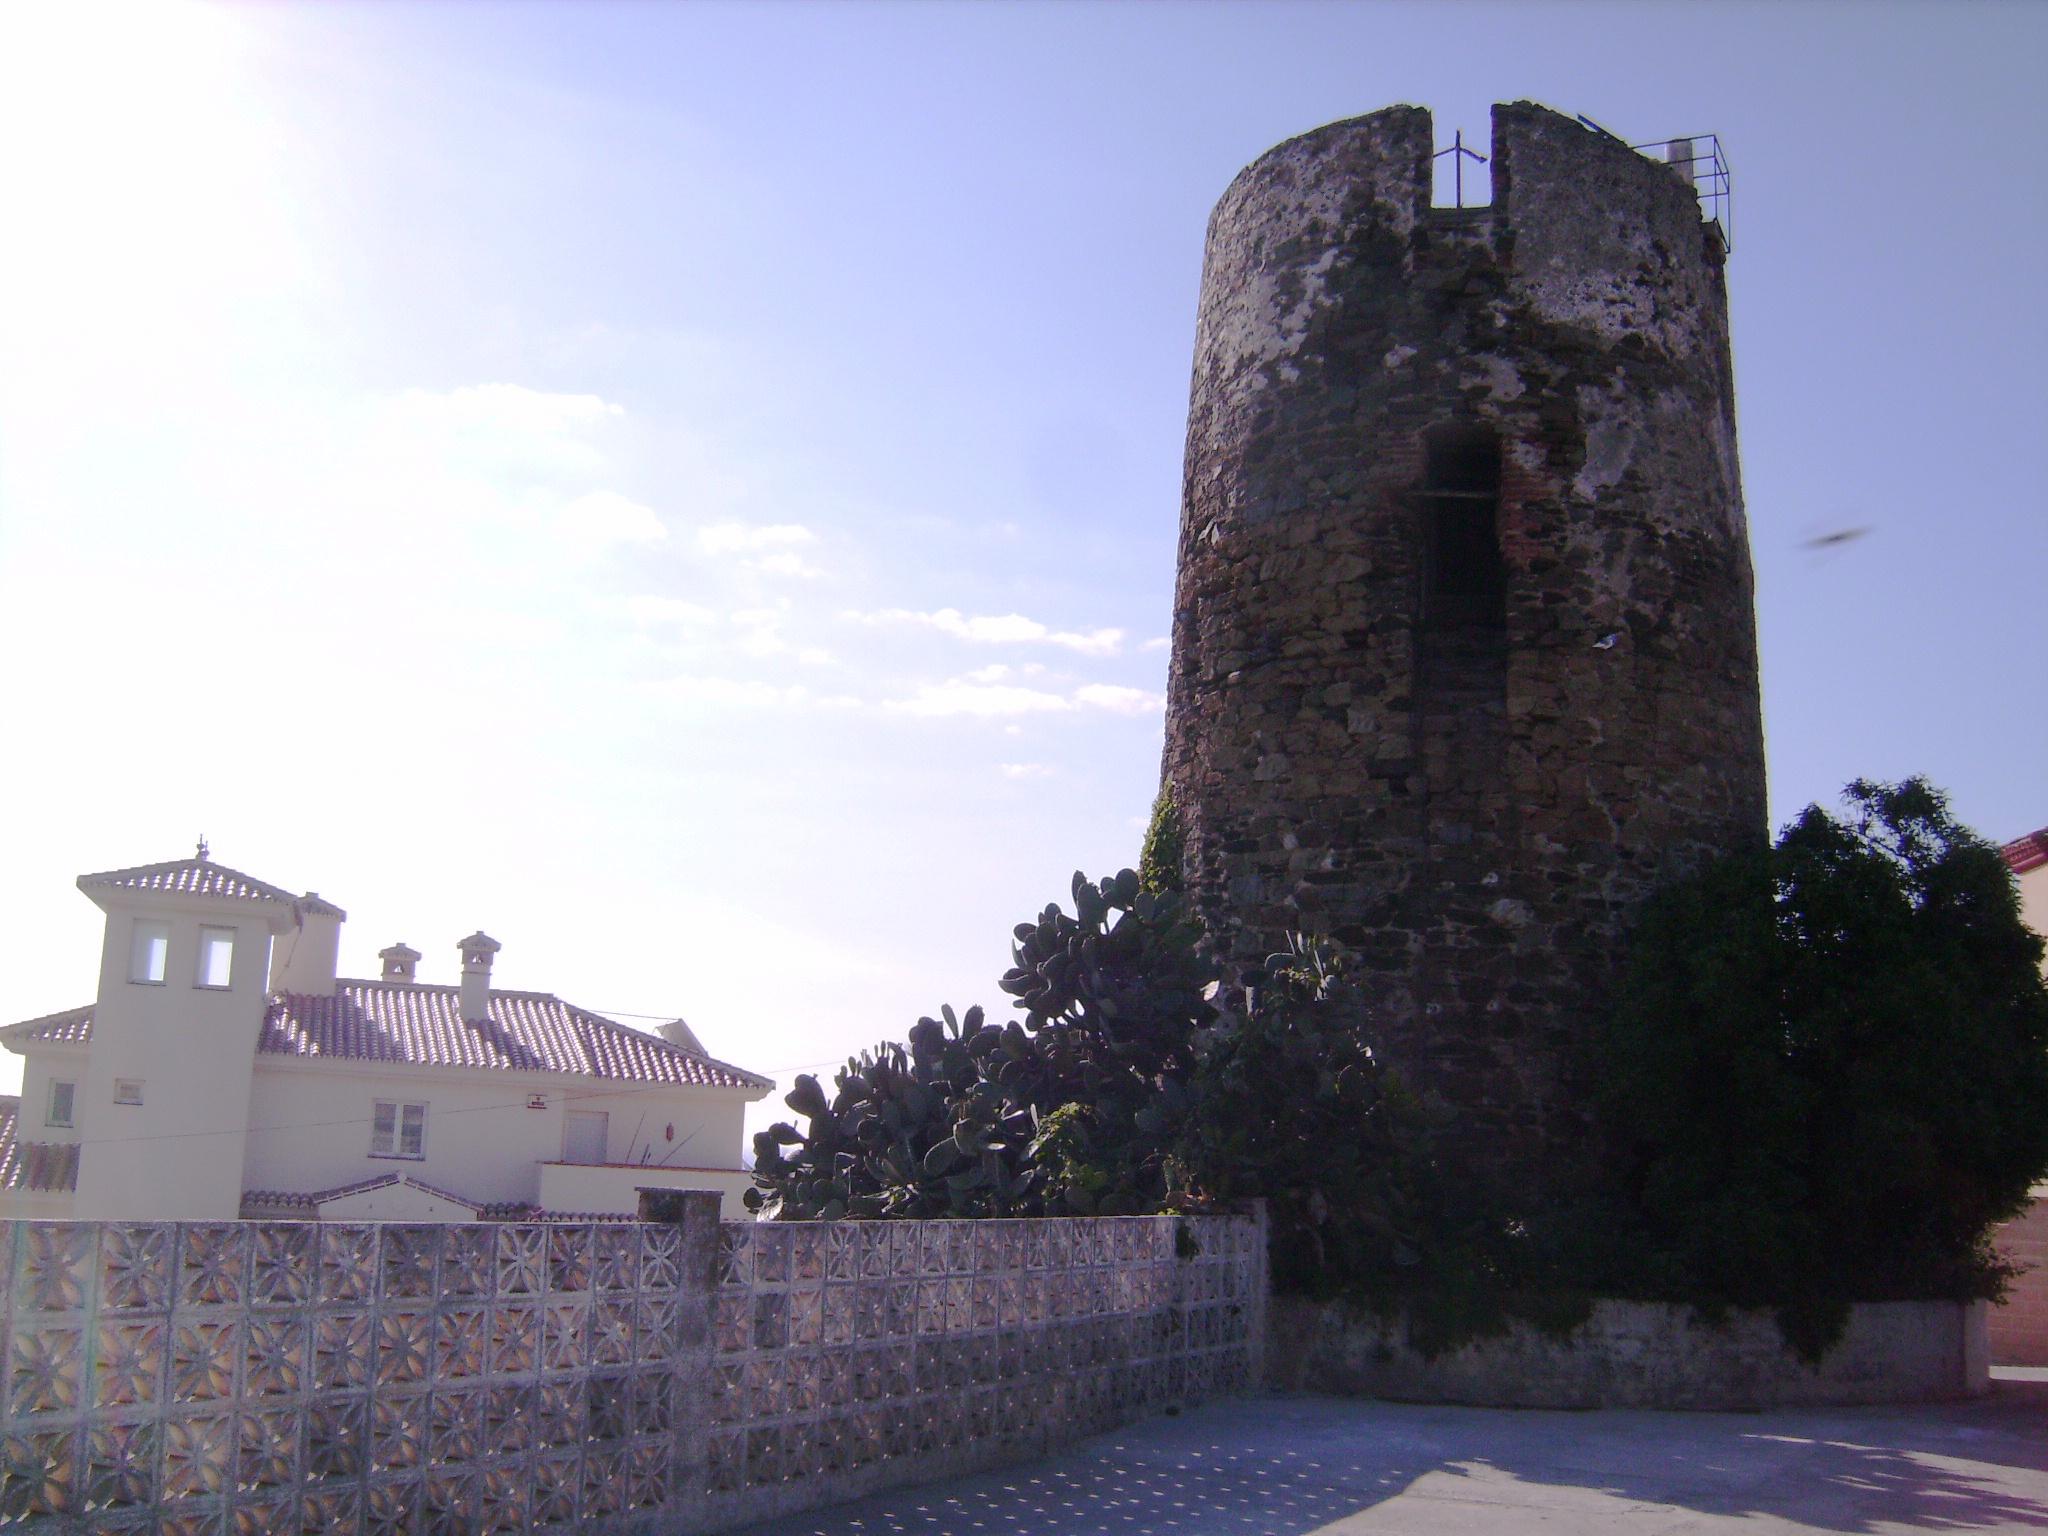 """A város másik jelképe – a világítótorony mellett – a """"Torre de Calaburras"""", egy vélhetően a 16. században épült őrtorony, része annak a figyelőrendszernek, amely Granada Királyság védelmét volt hivatott szolgálni végig a tengerparton."""